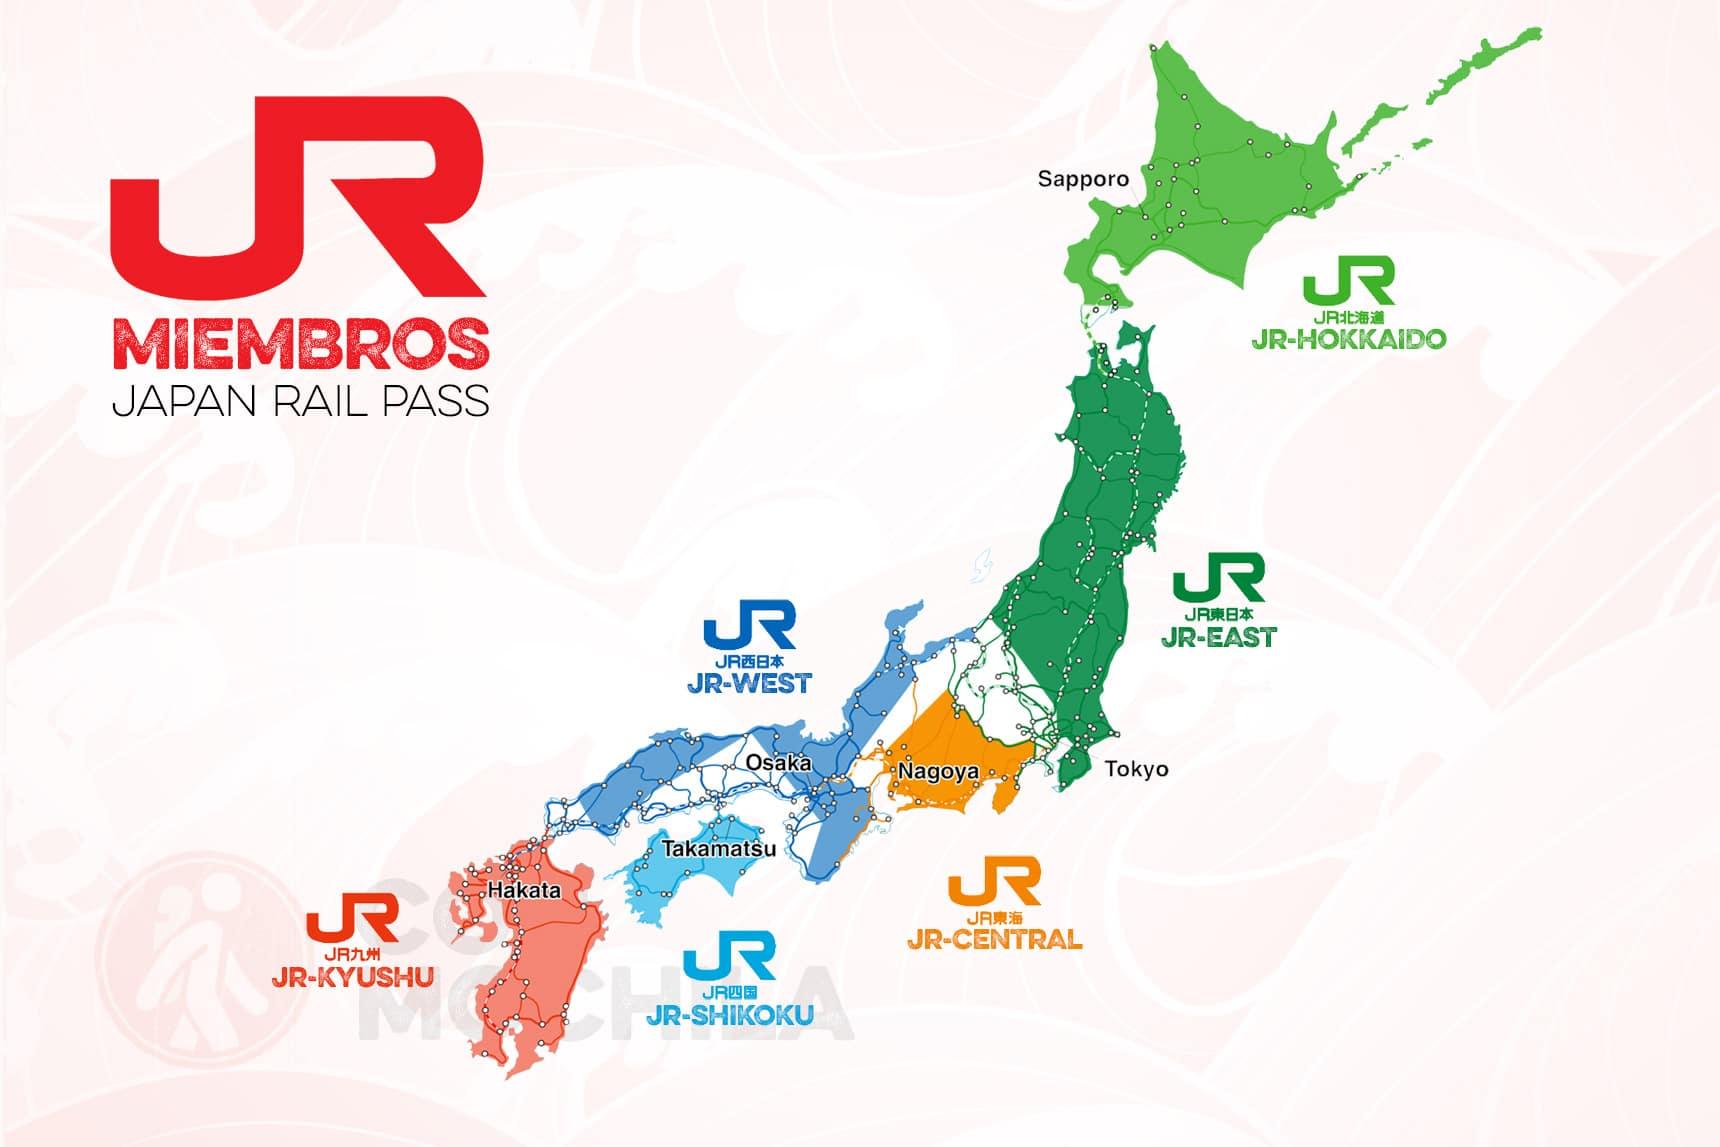 MIEMBROS JAPAN RAIL PASS